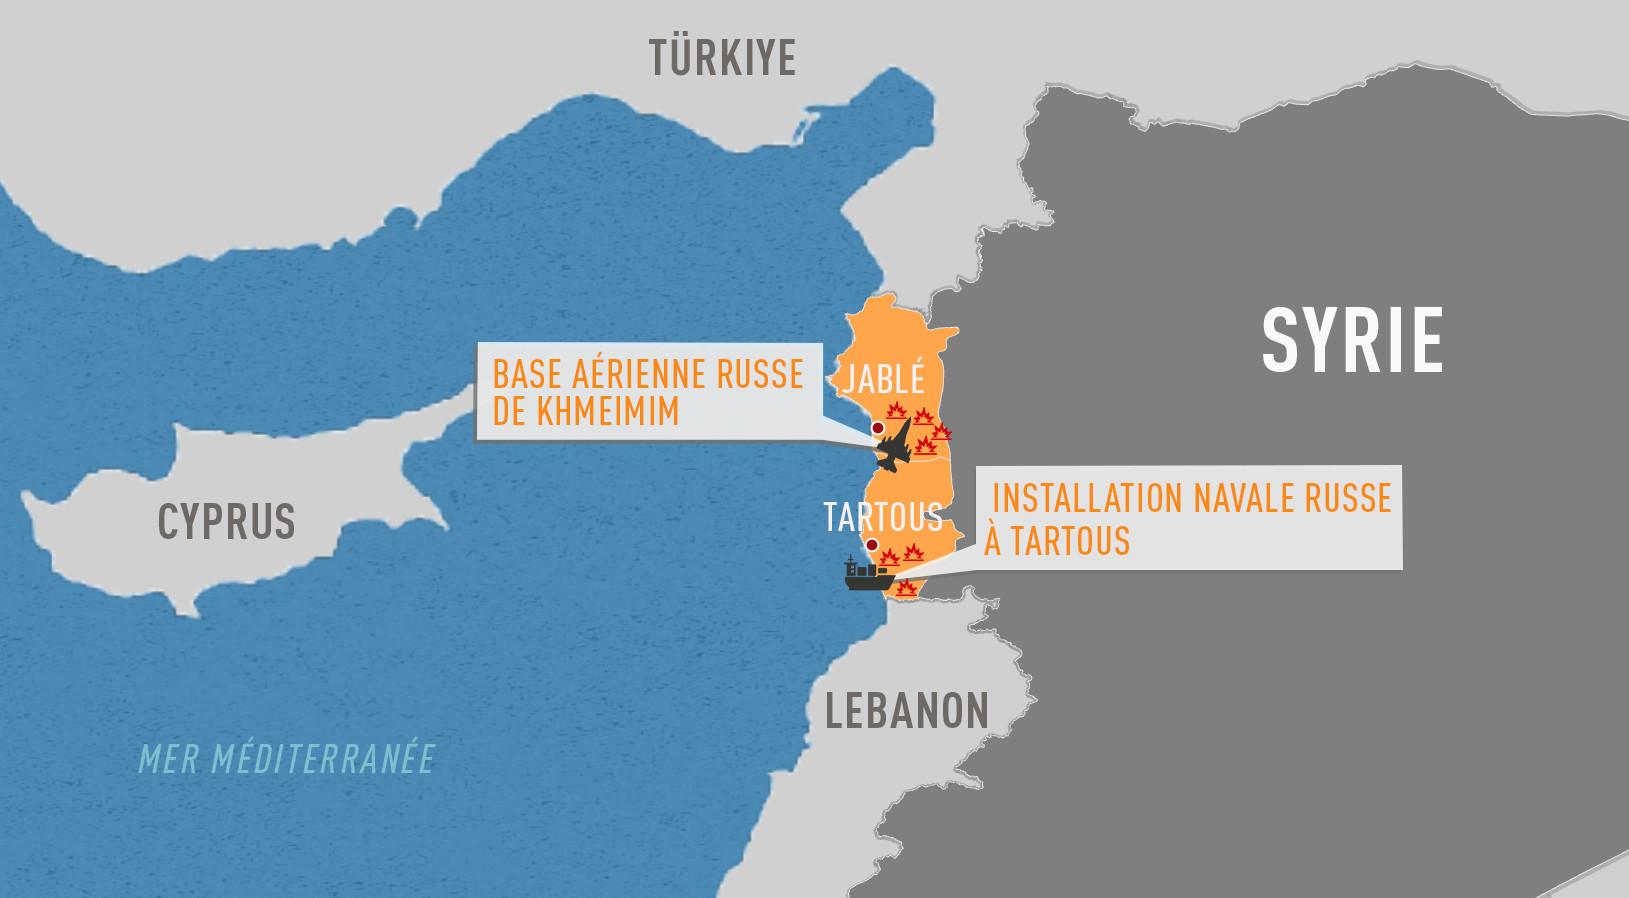 148 seraient morts dans des attentats perpétrés par Daesh près des bases russes de Syrie (VIDEO)